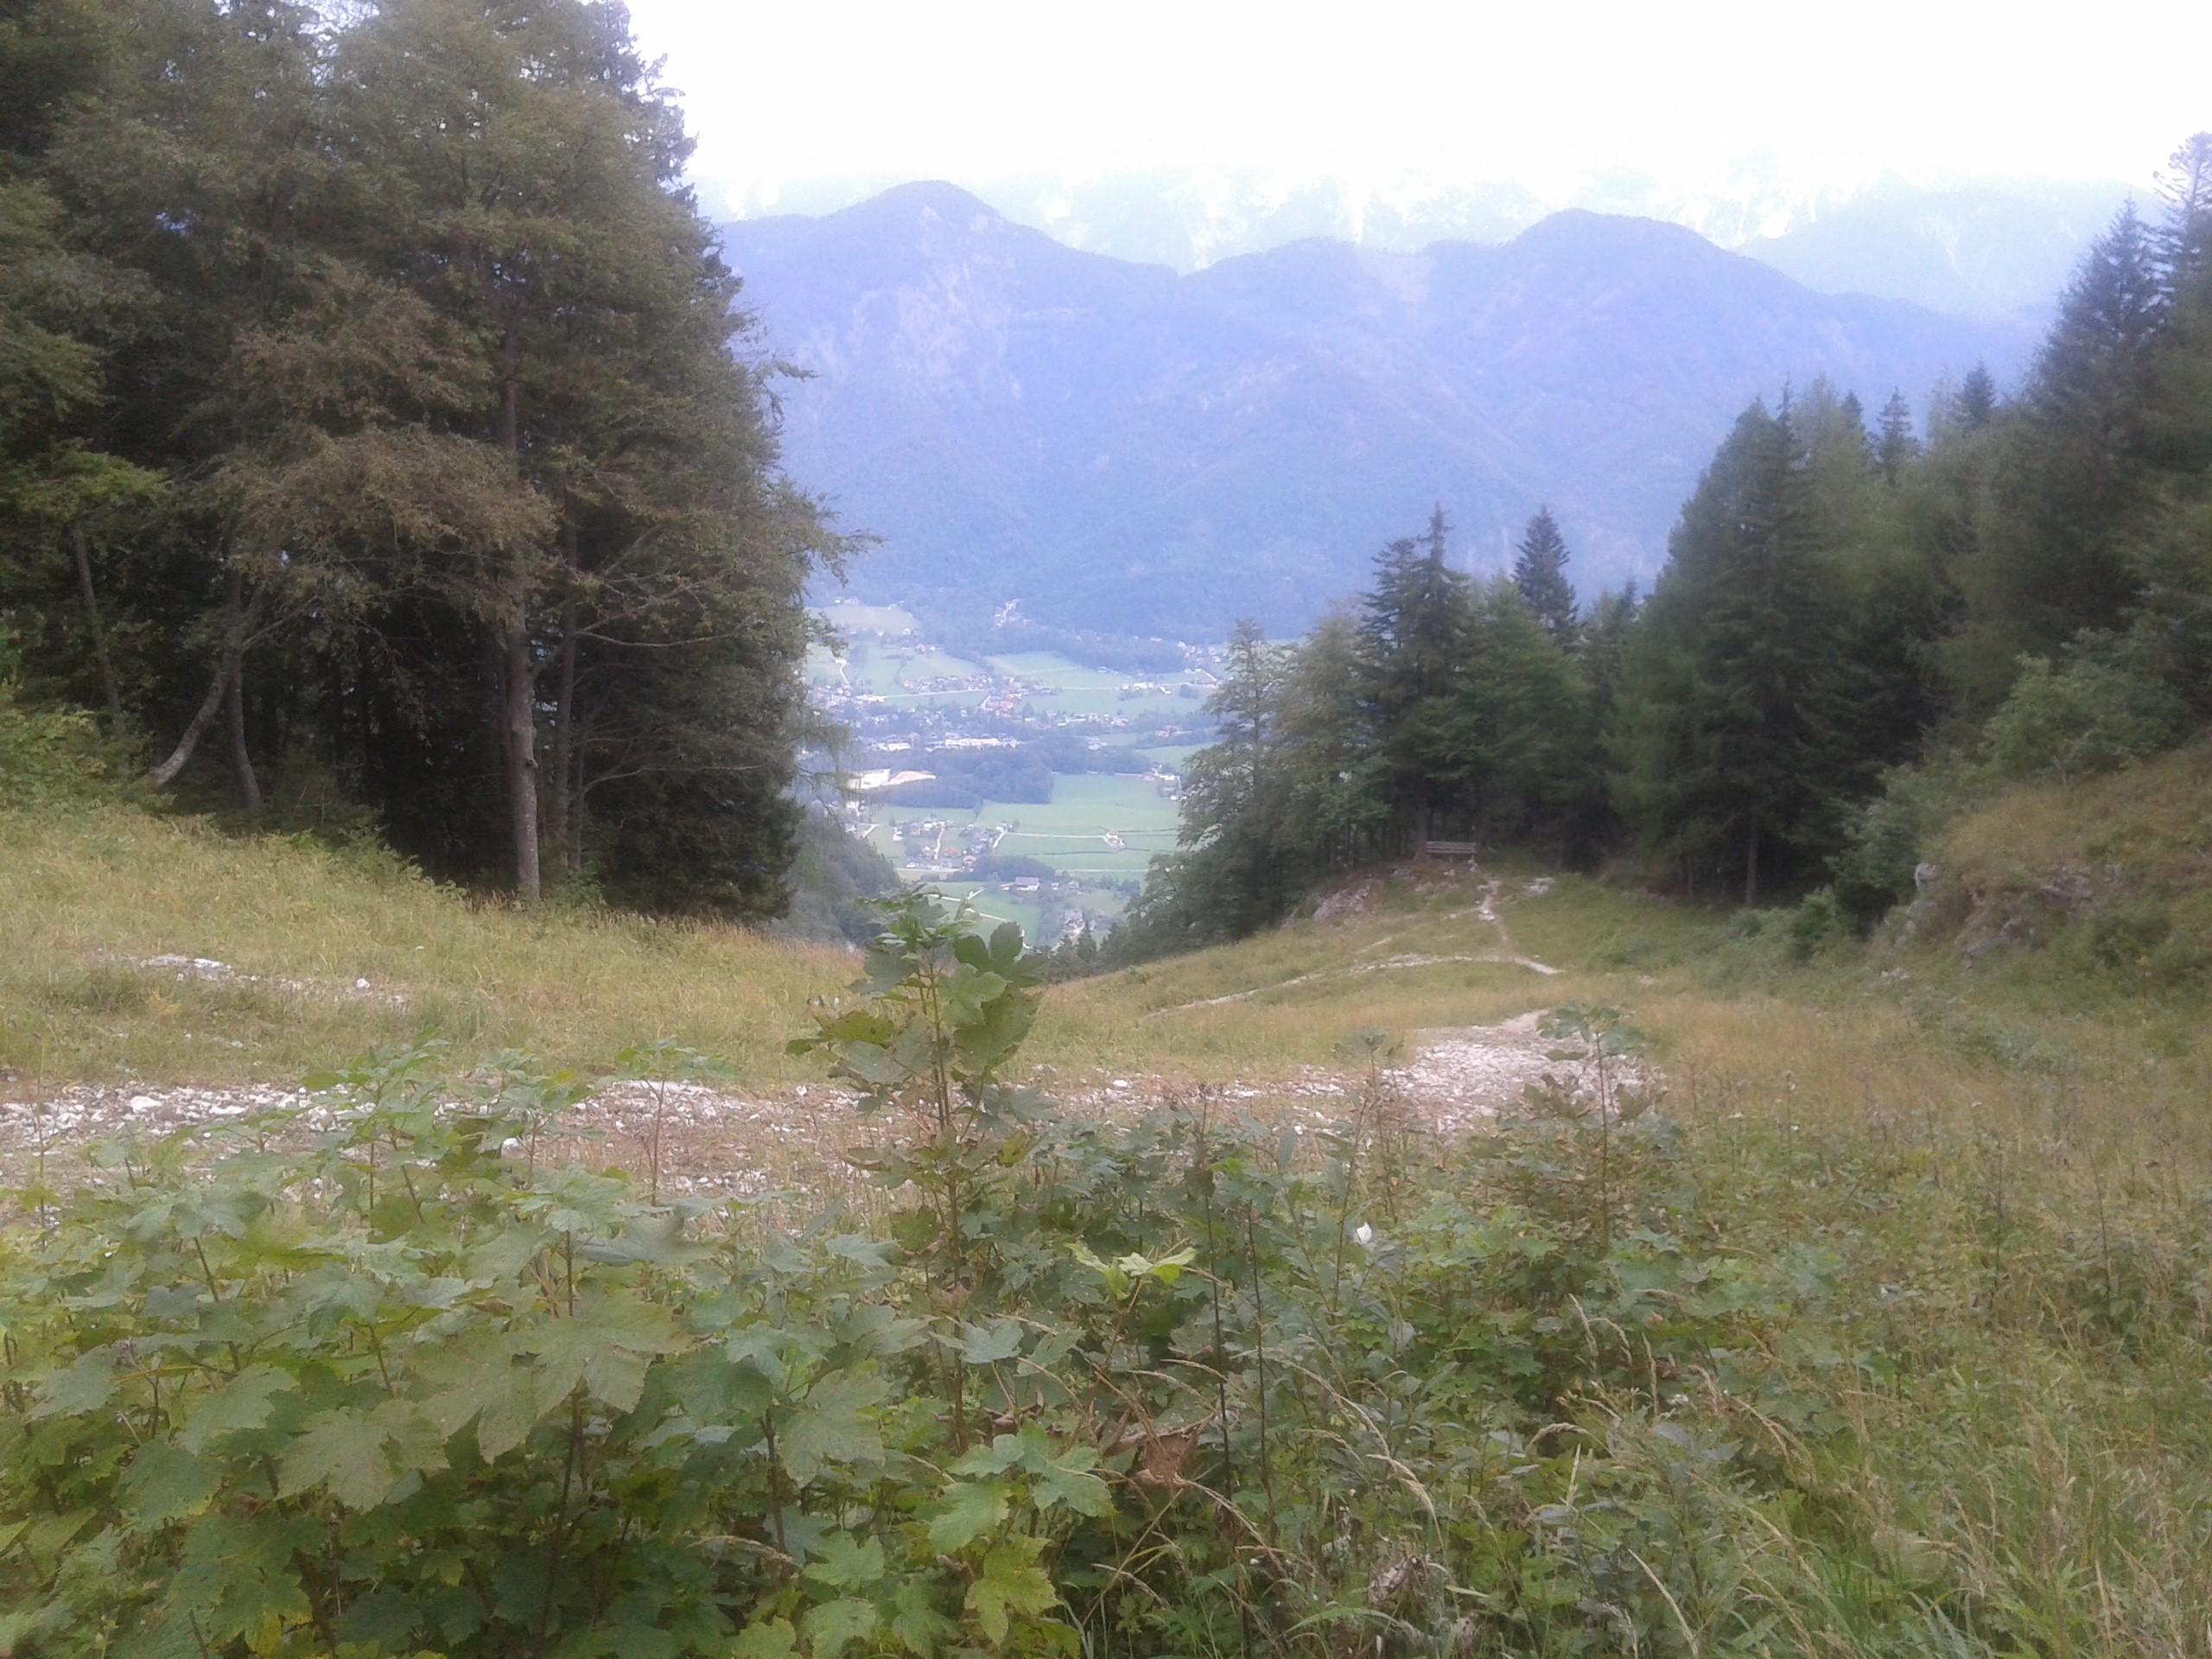 Klettersteig Katrin : Katrin klettersteig bad ischl